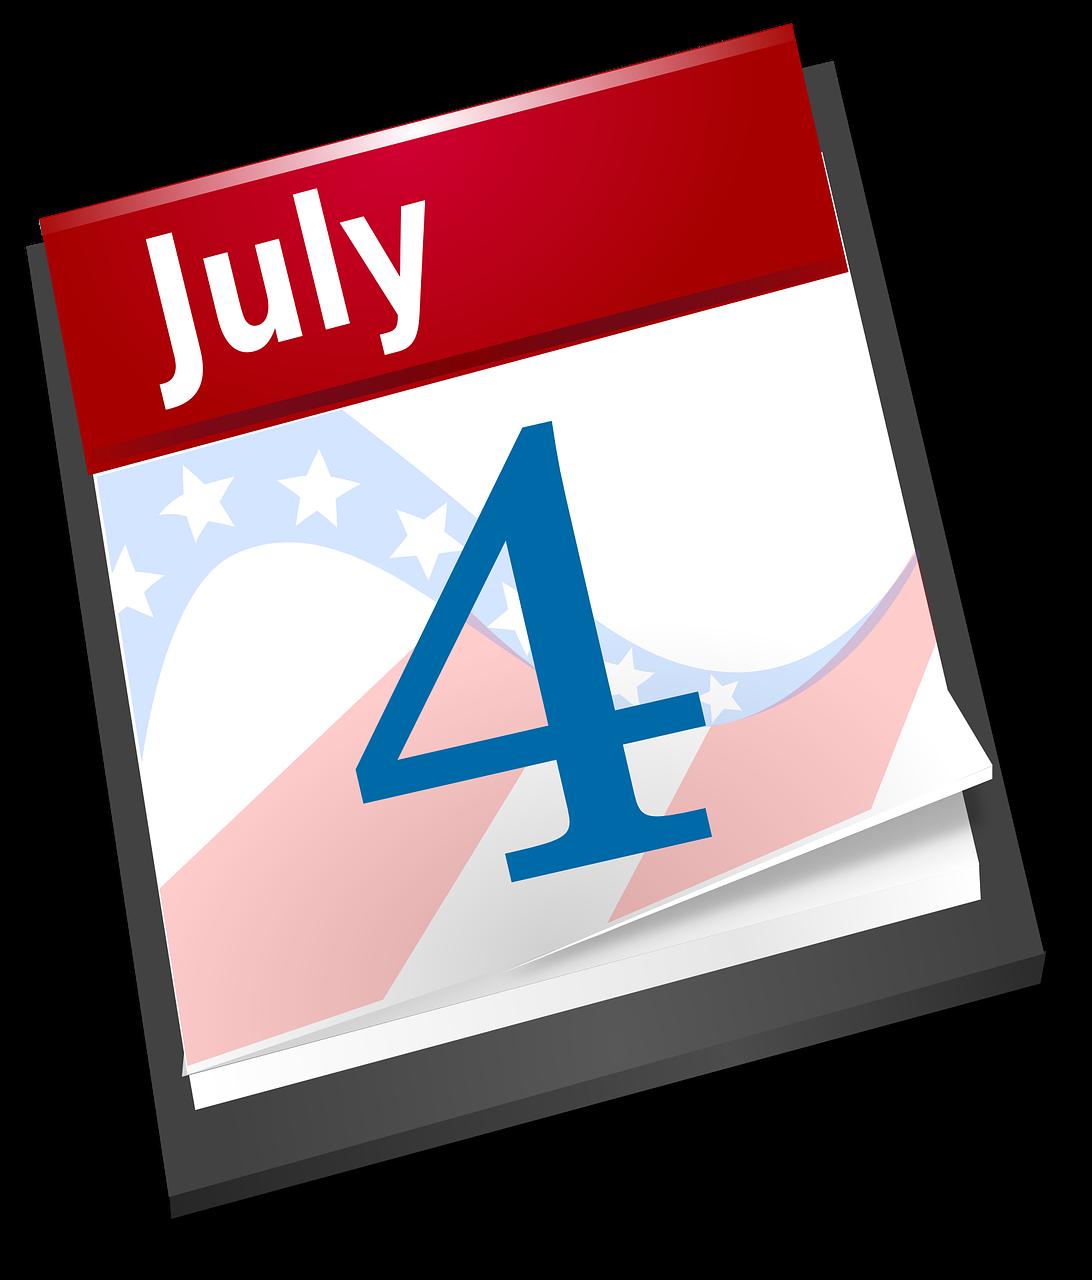 4th July Calendar. Credit: Open Clipart Vectors